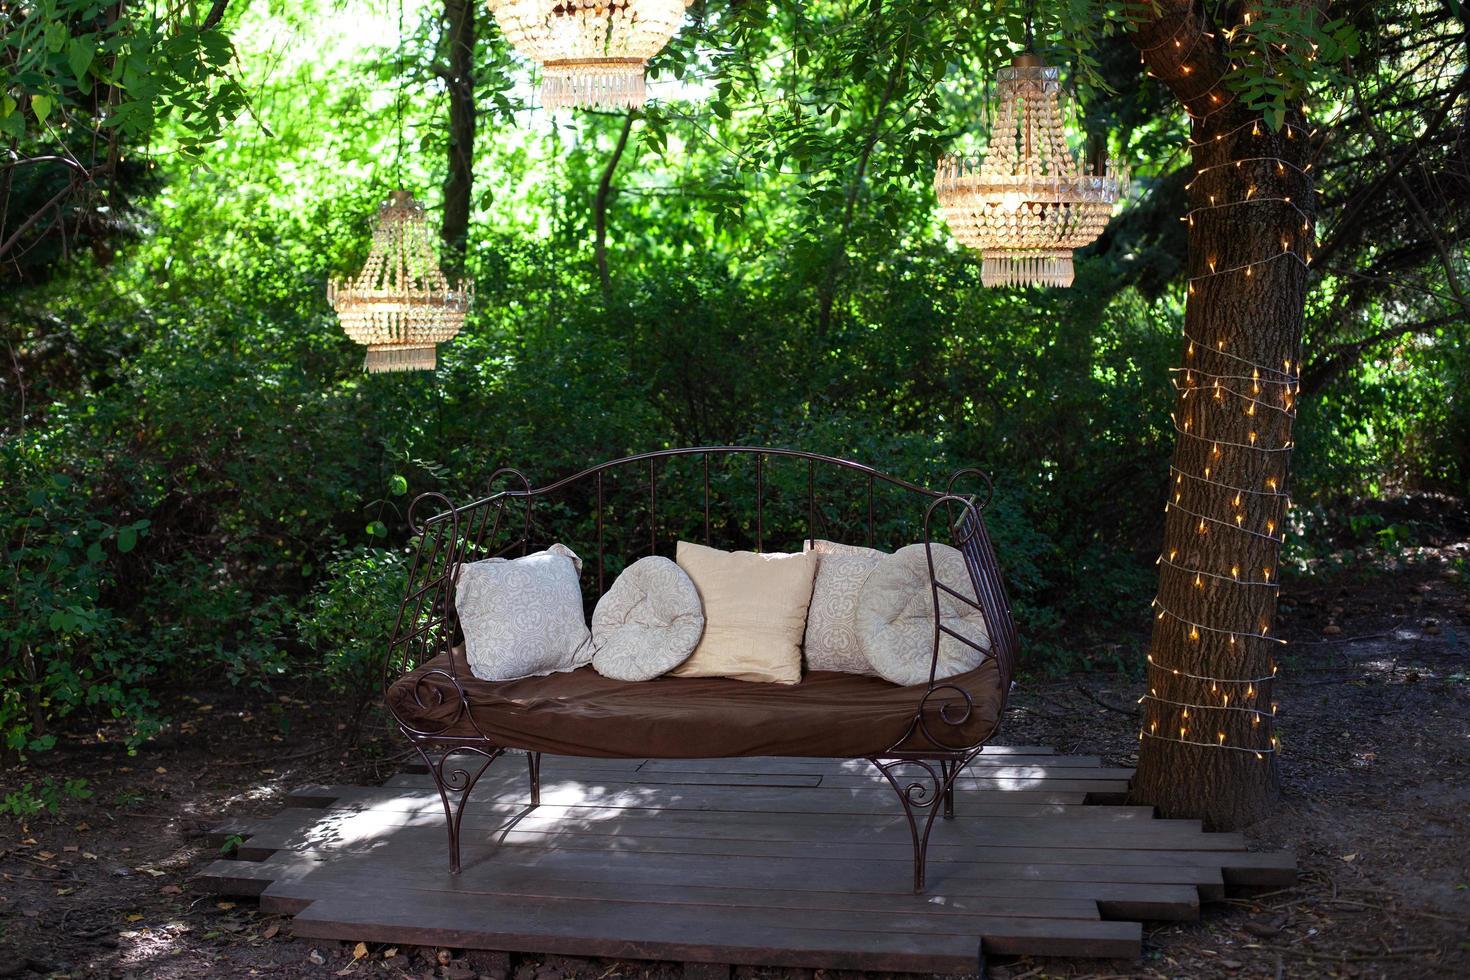 Gartensofa mit Dekorationen foto